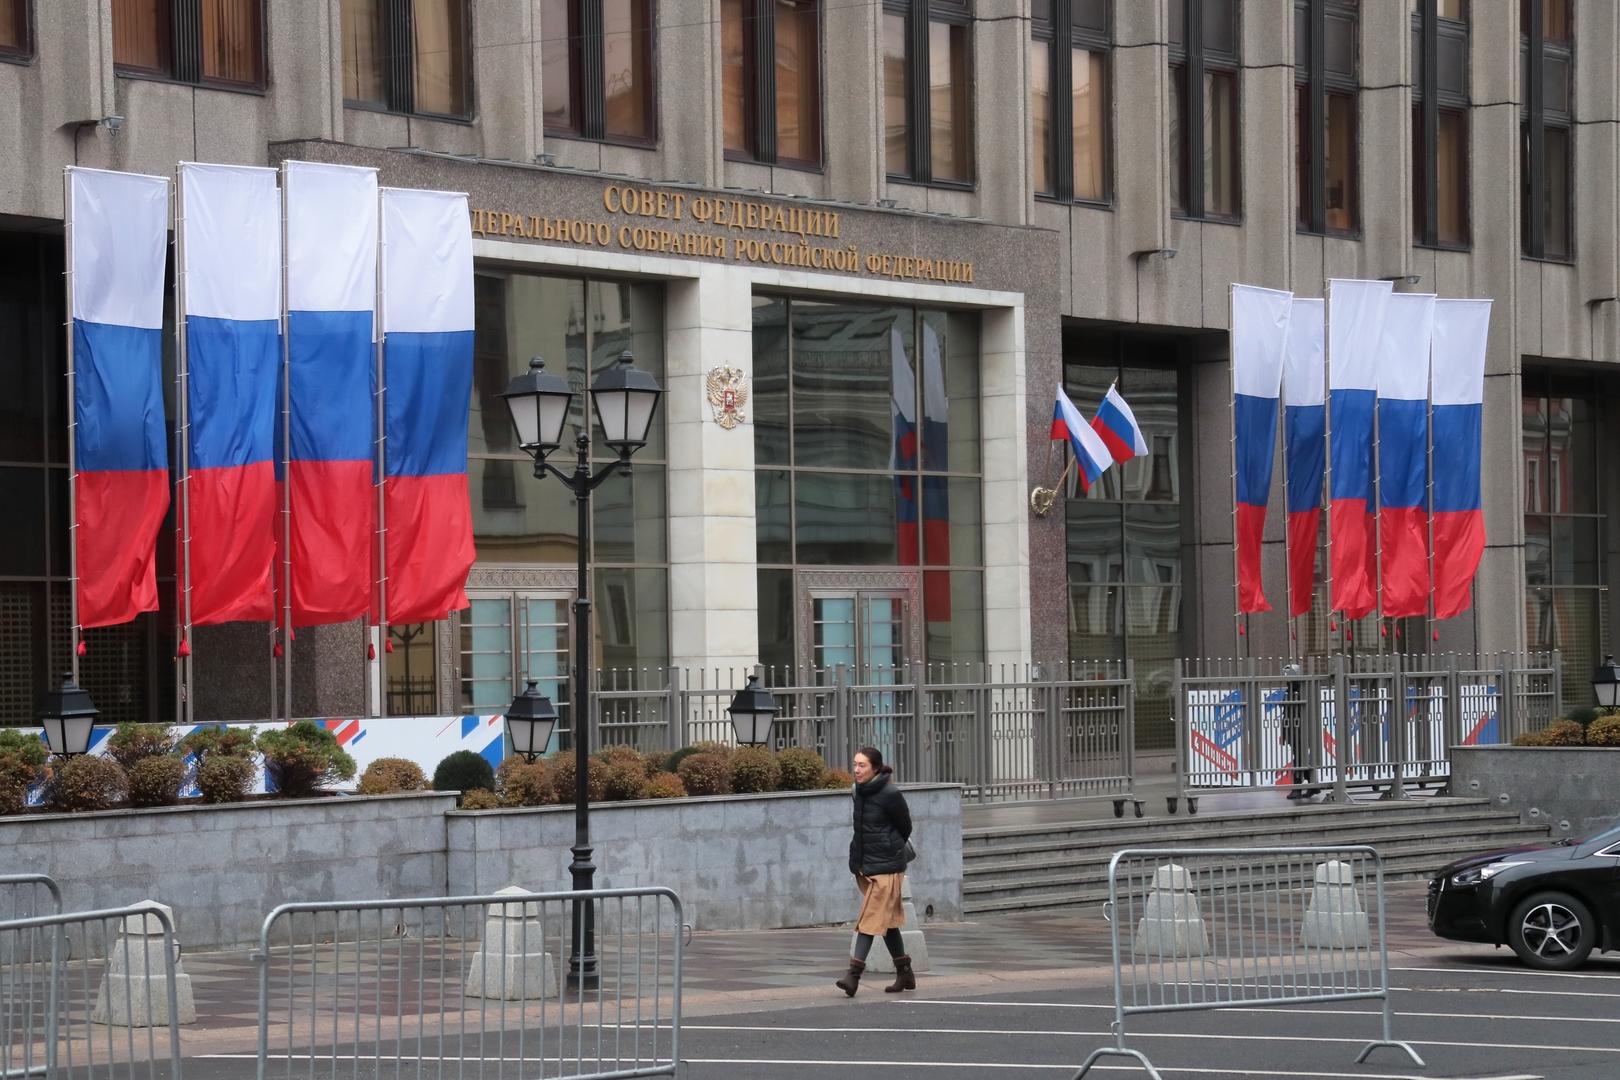 البرلمان الروسي يصدق على انسحاب البلاد من